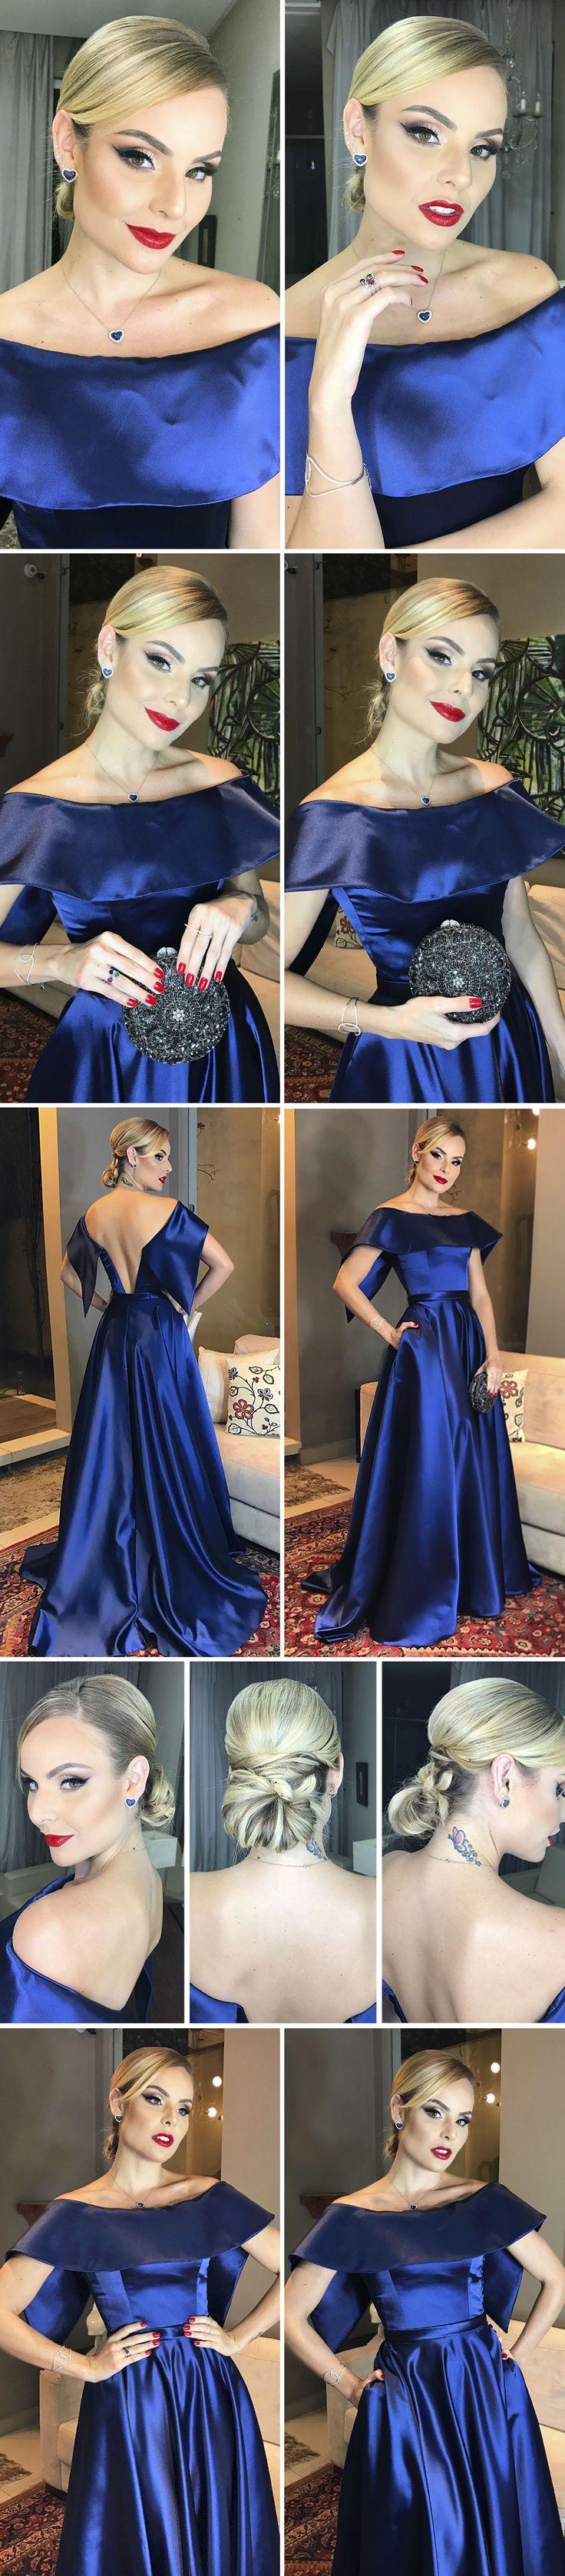 Layla Monteiro vestido longo azul cetim ombro a ombro madrinha casamento beleza batom vermelho coque baixo